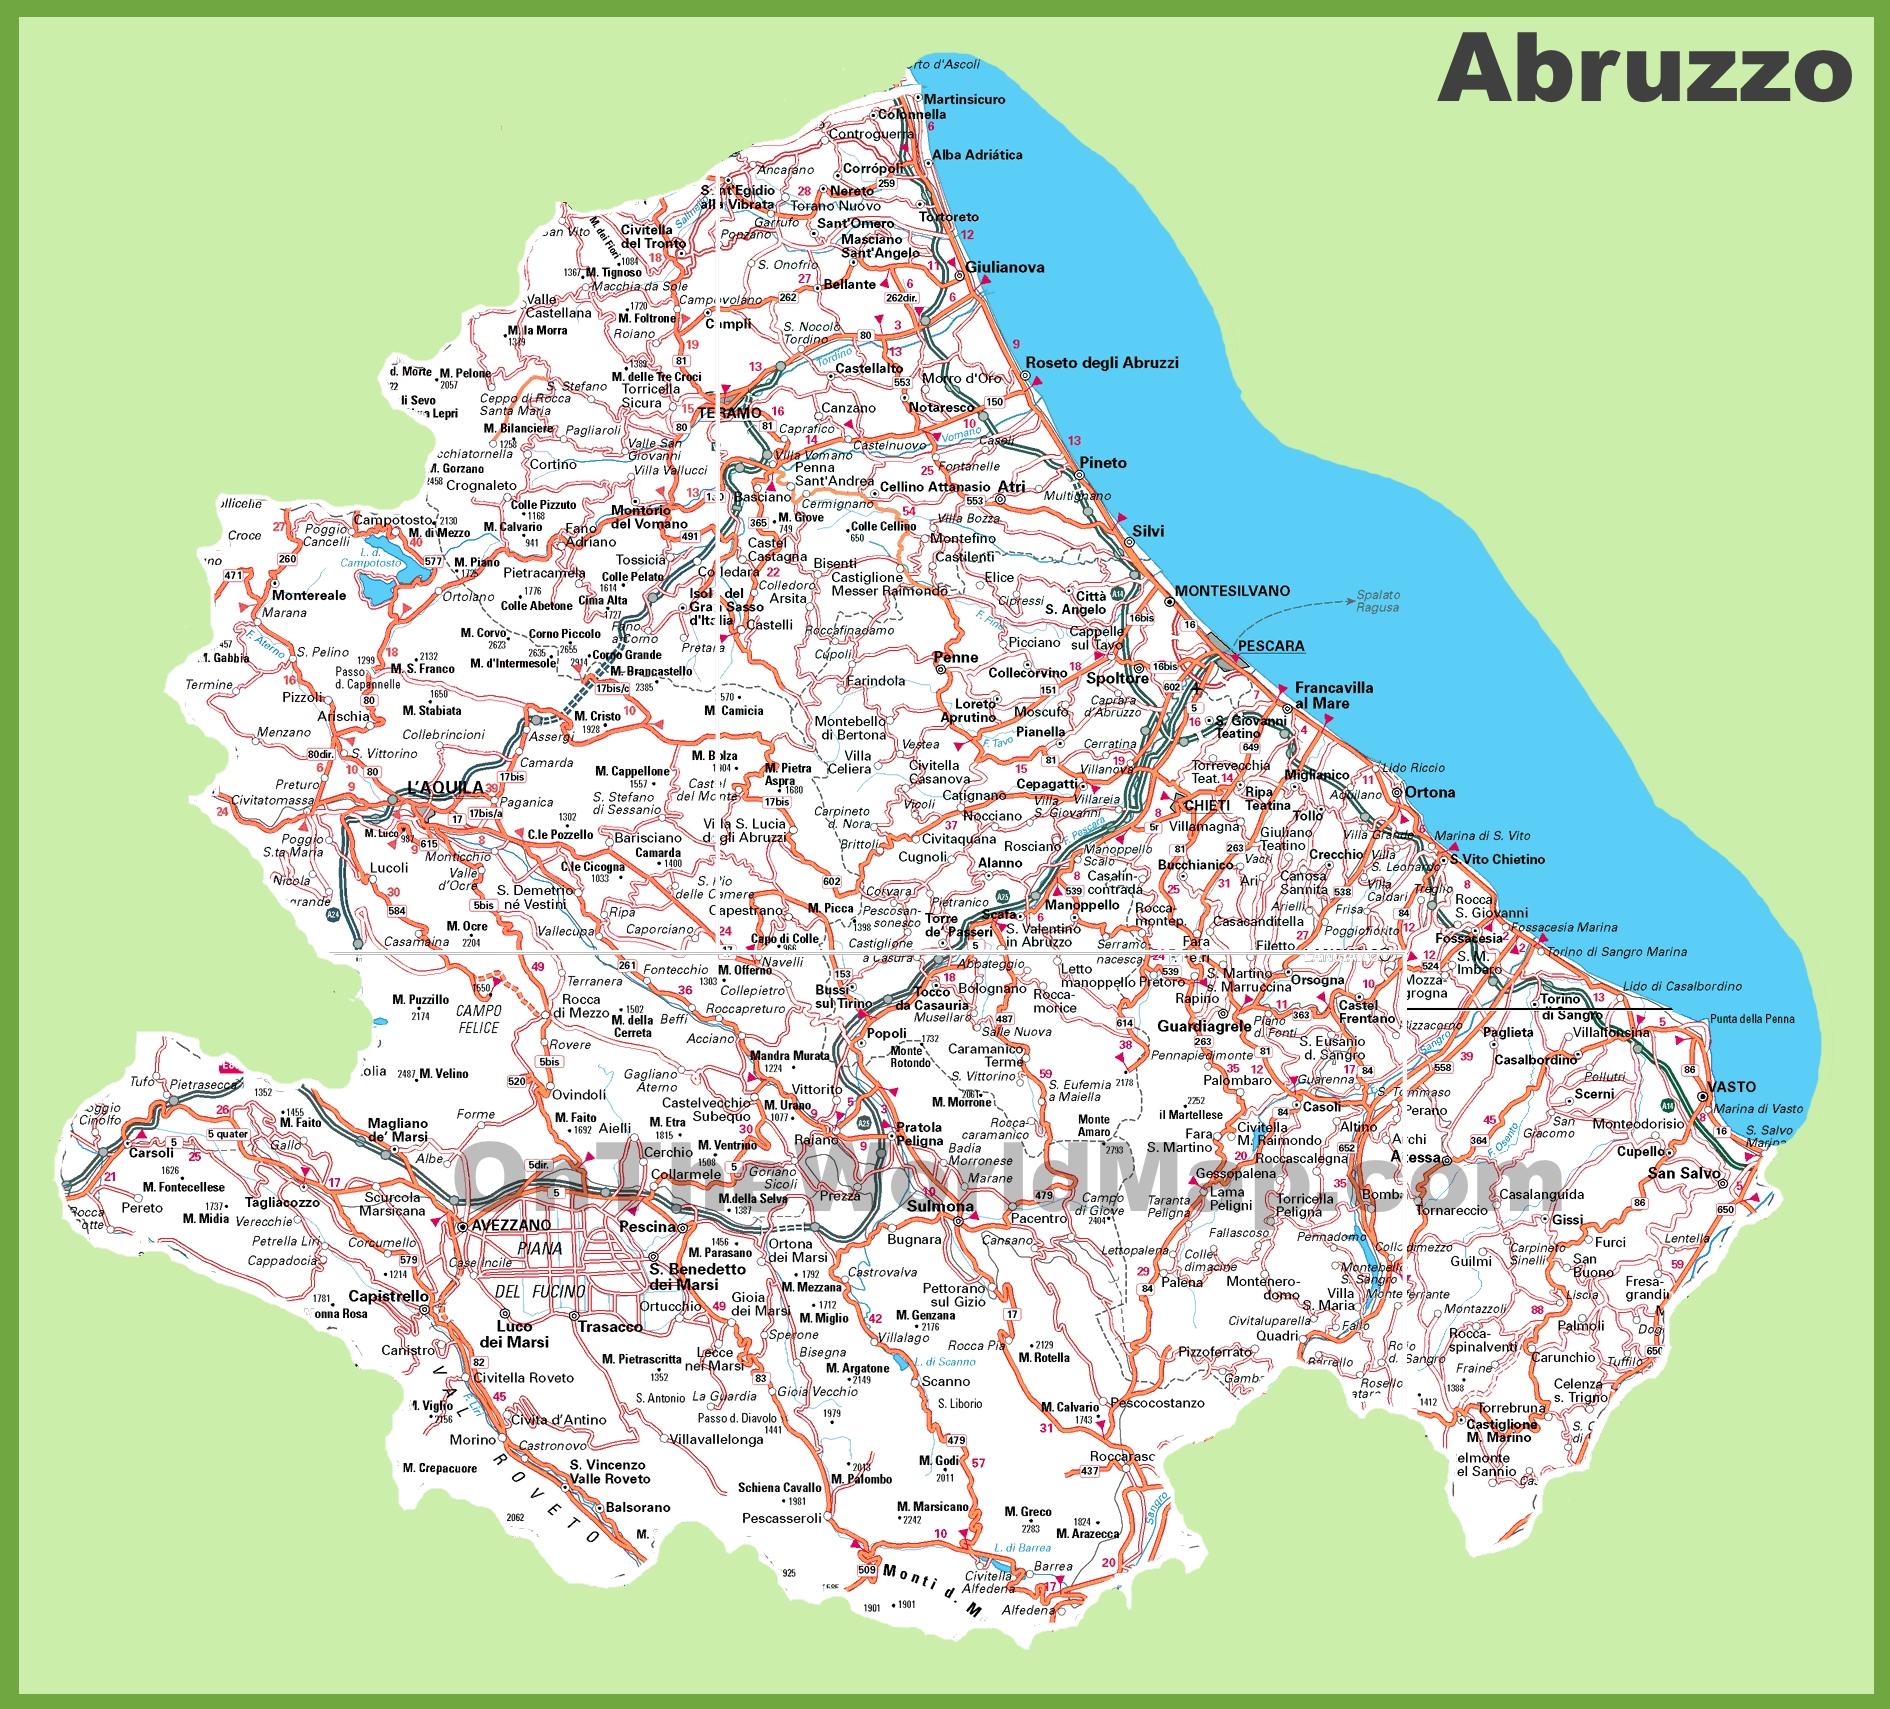 Cartina Dettagliata Abruzzo.Grande Mappa Dettagliata Dell Abruzzo Con La Citta